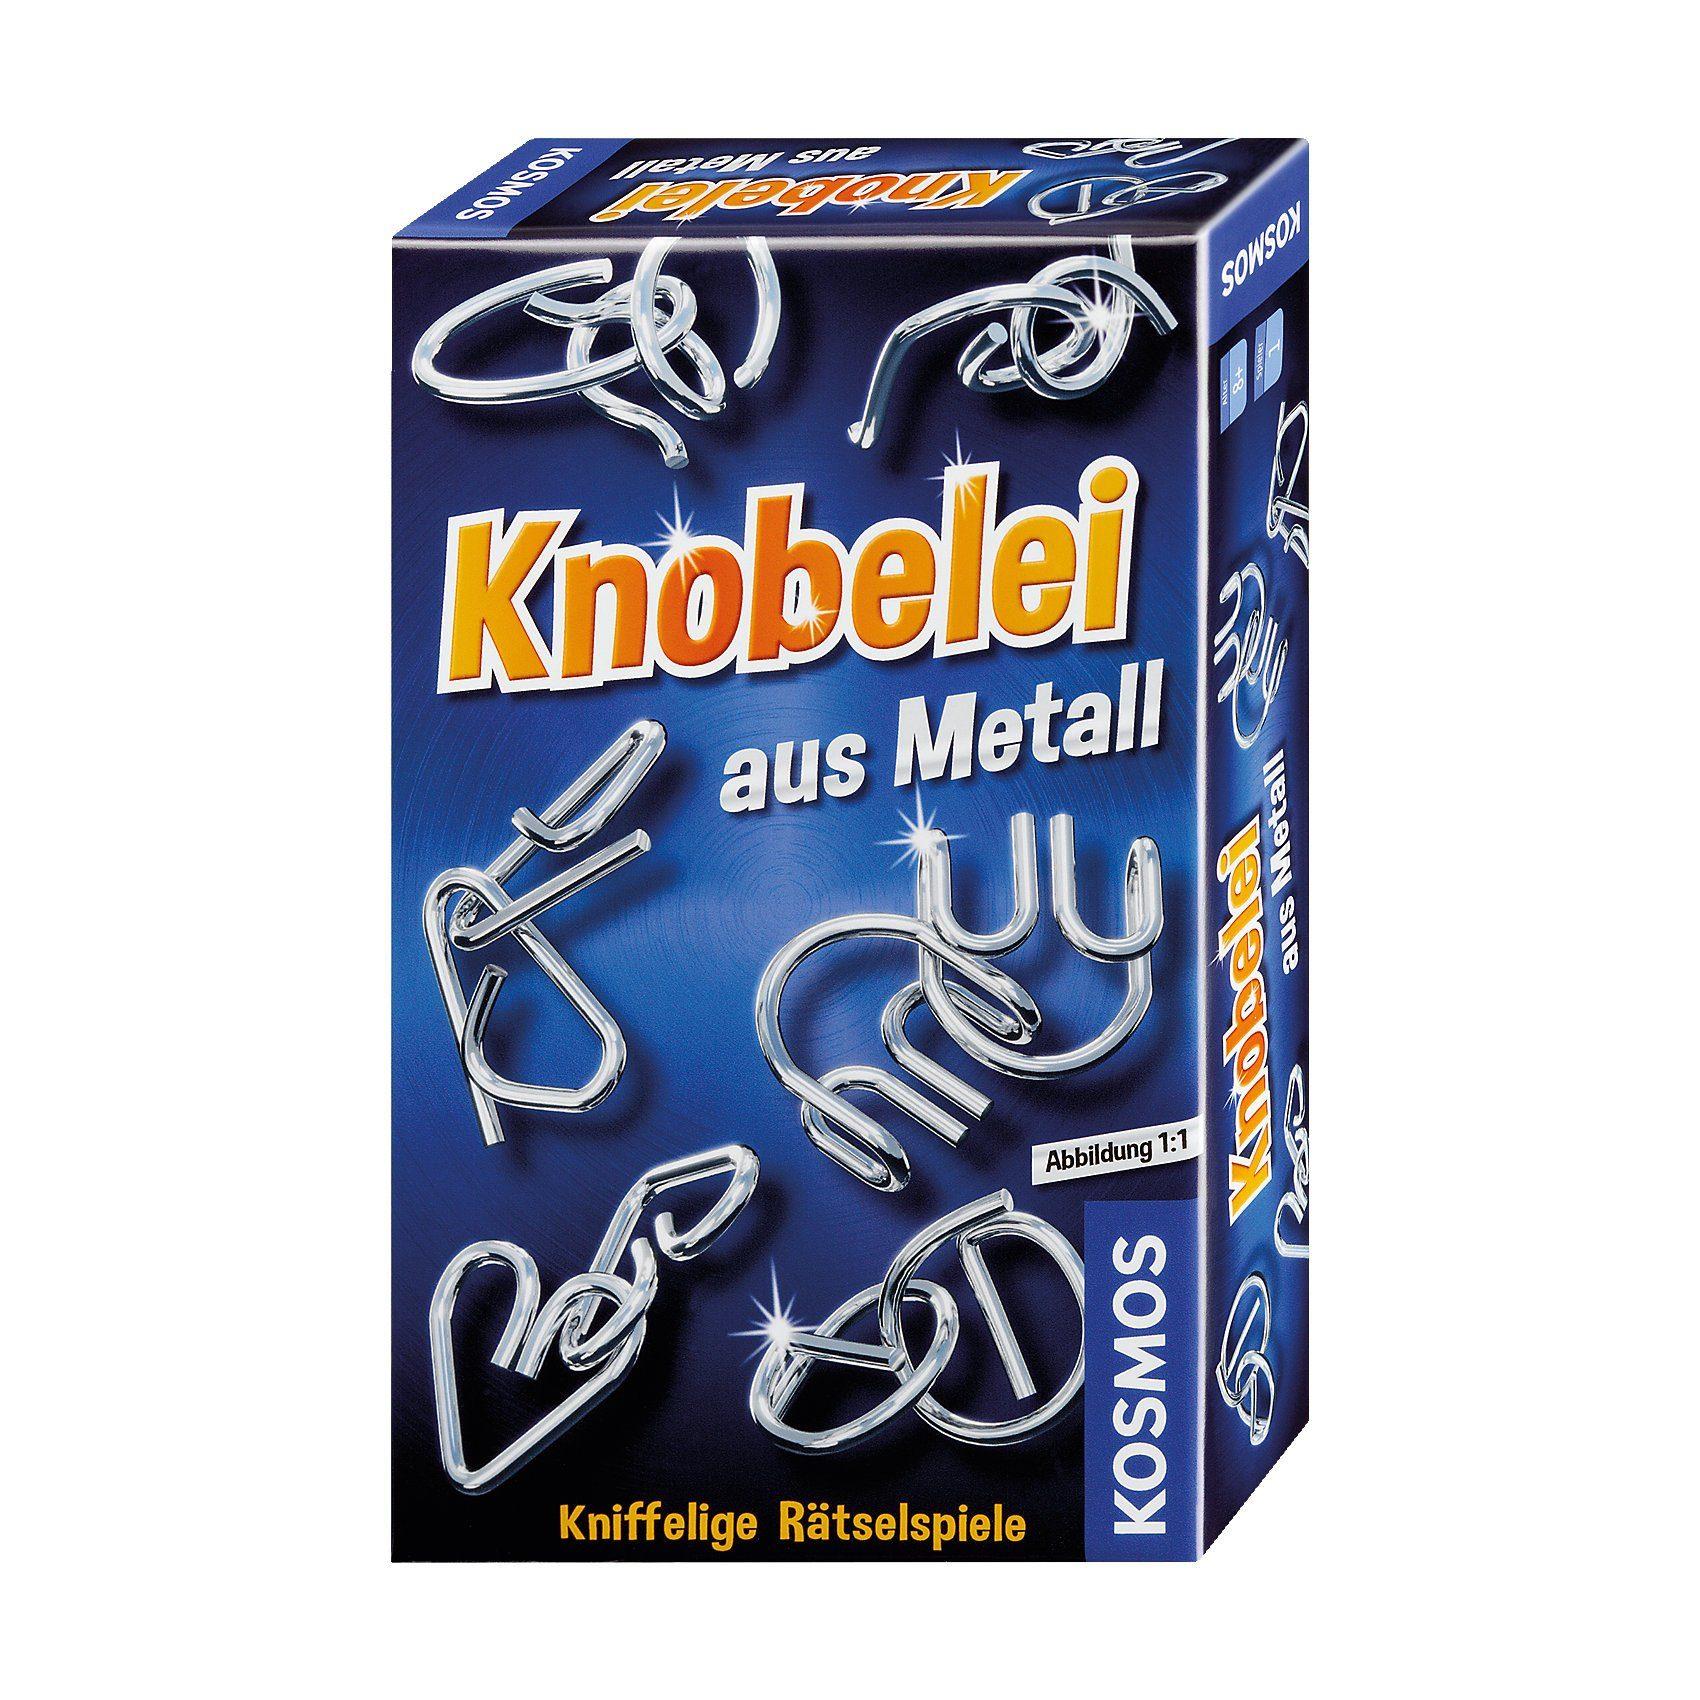 Kosmos Knobelei aus Metall (Mitbringspiel)